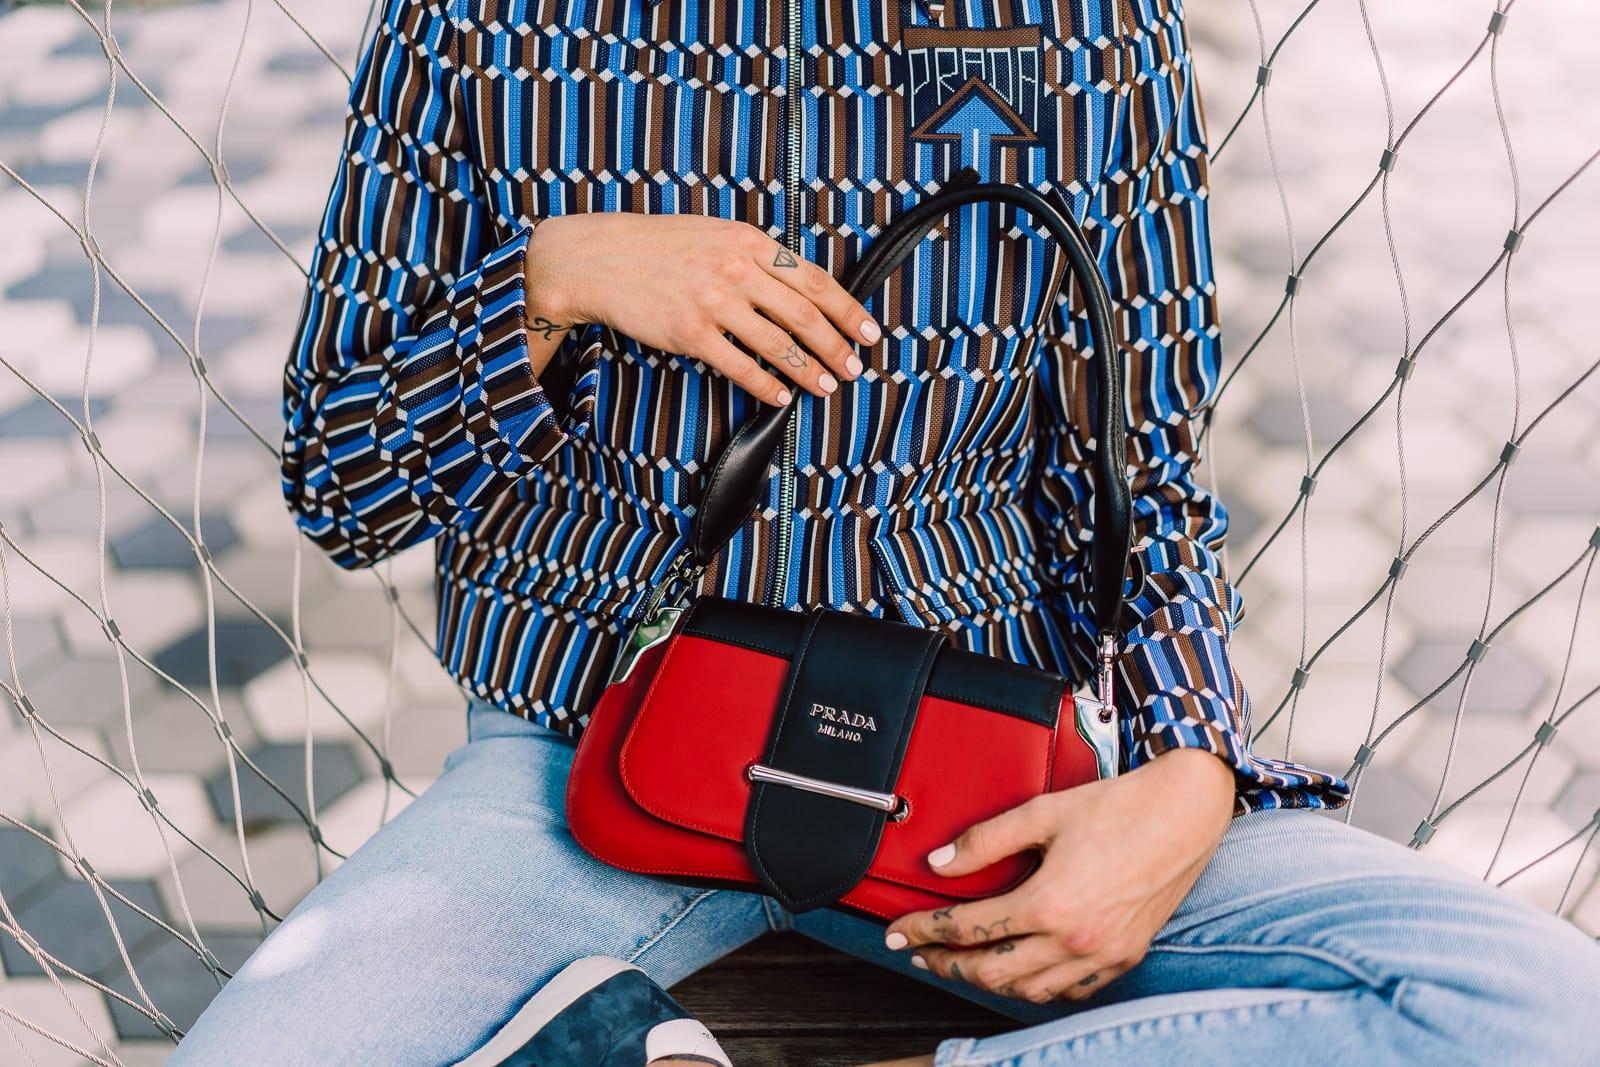 Prada Handbag South Africa